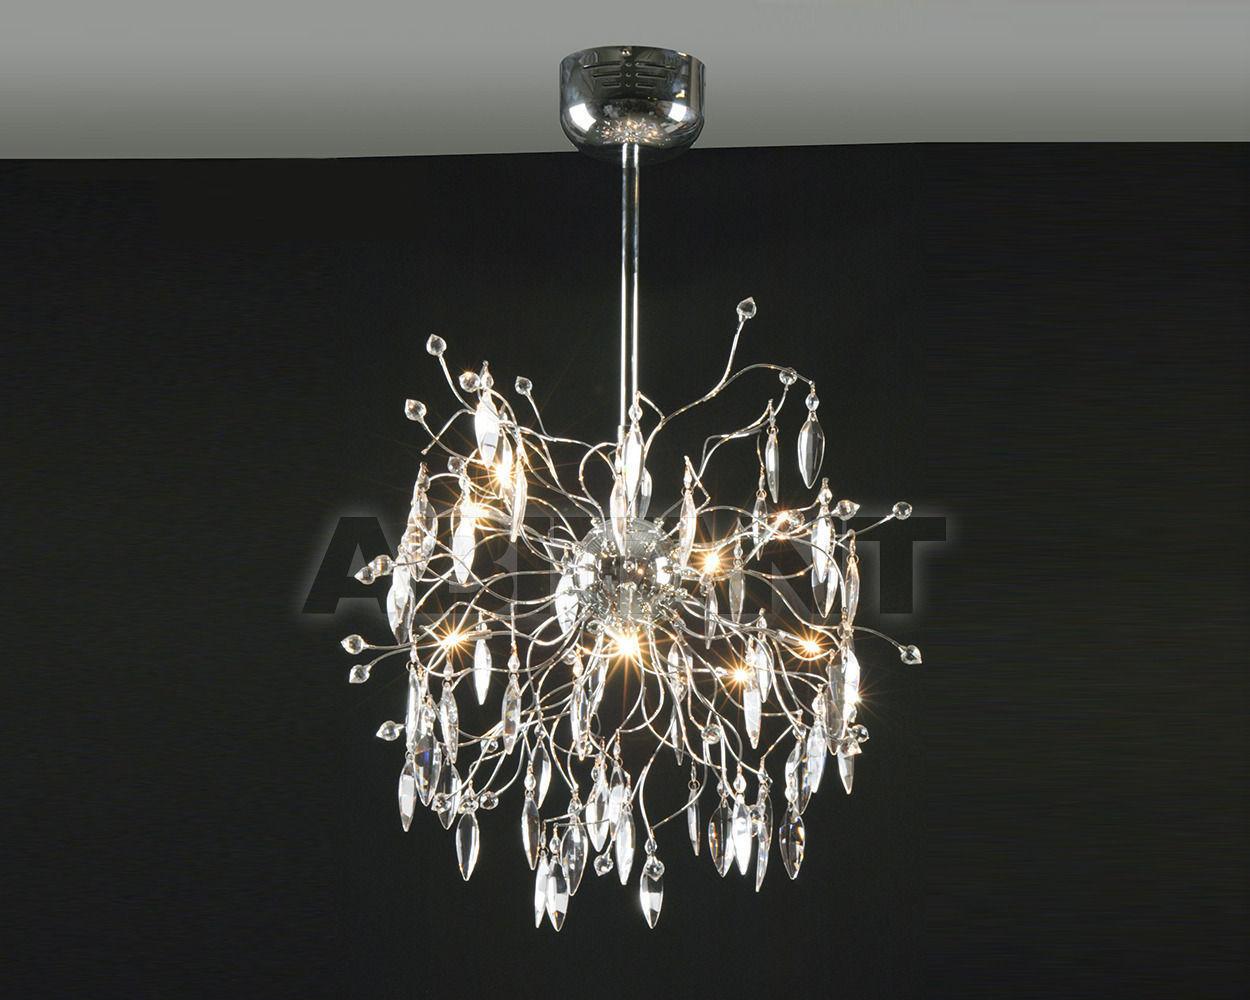 Купить Люстра Linea Verdace 2012 LV 52044/H